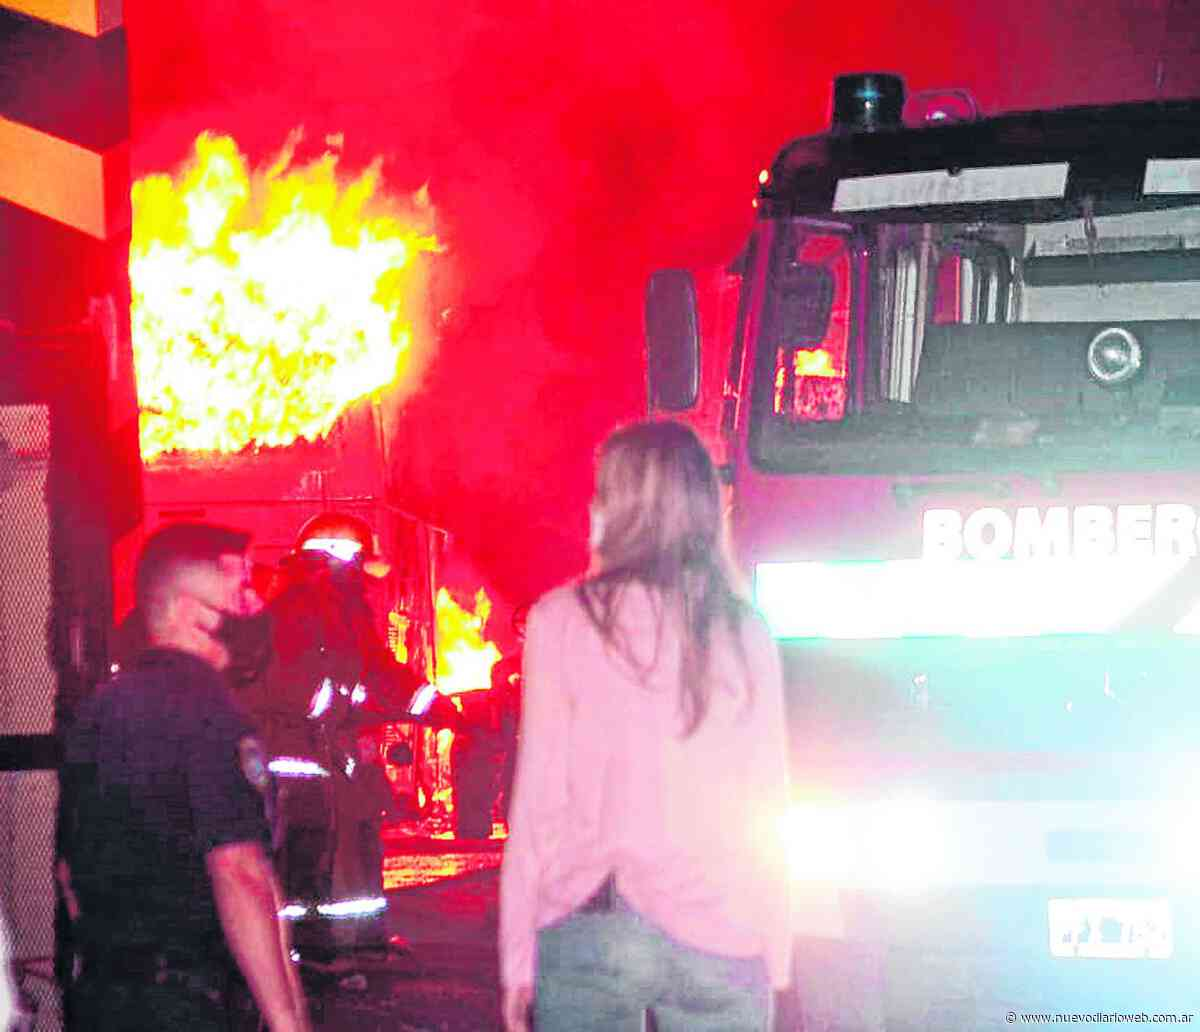 Un voraz incendio arrasó con varias unidades de la empresa San Cristóbal - Nuevo Diario de Santiago del Estero